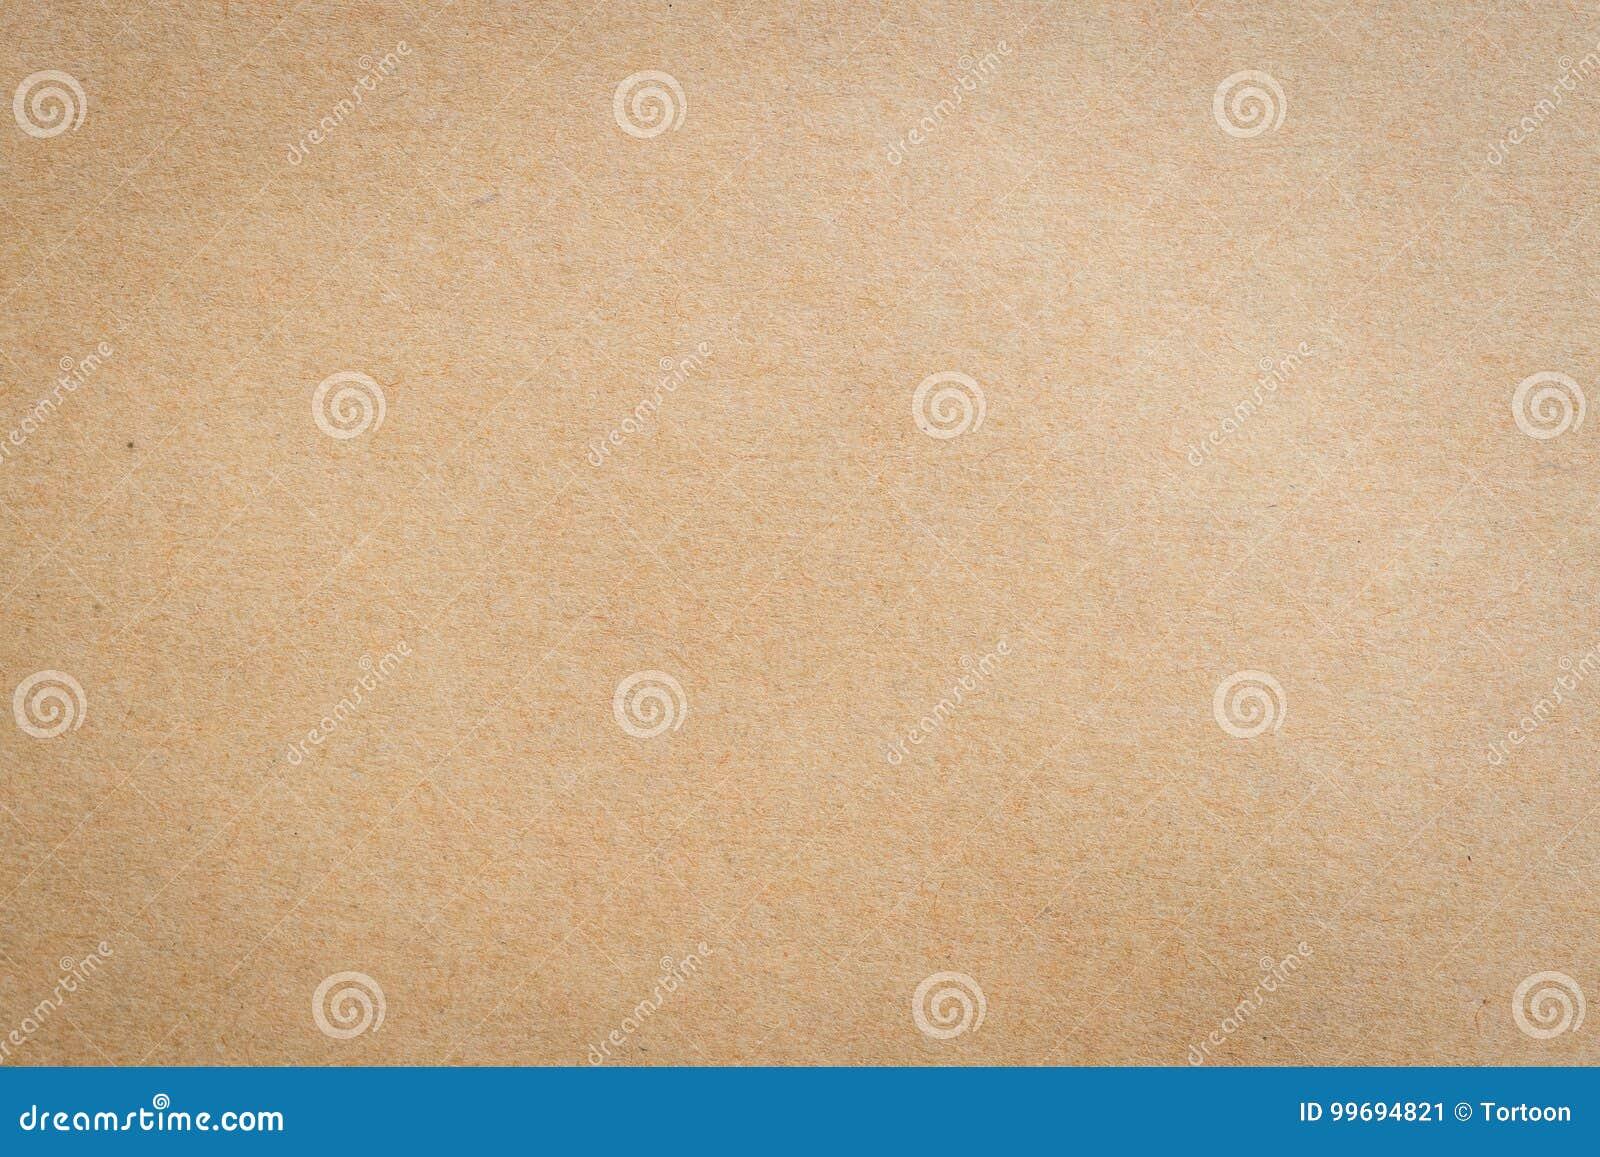 Slut upp textur och bakgrund kraft för brunt papper